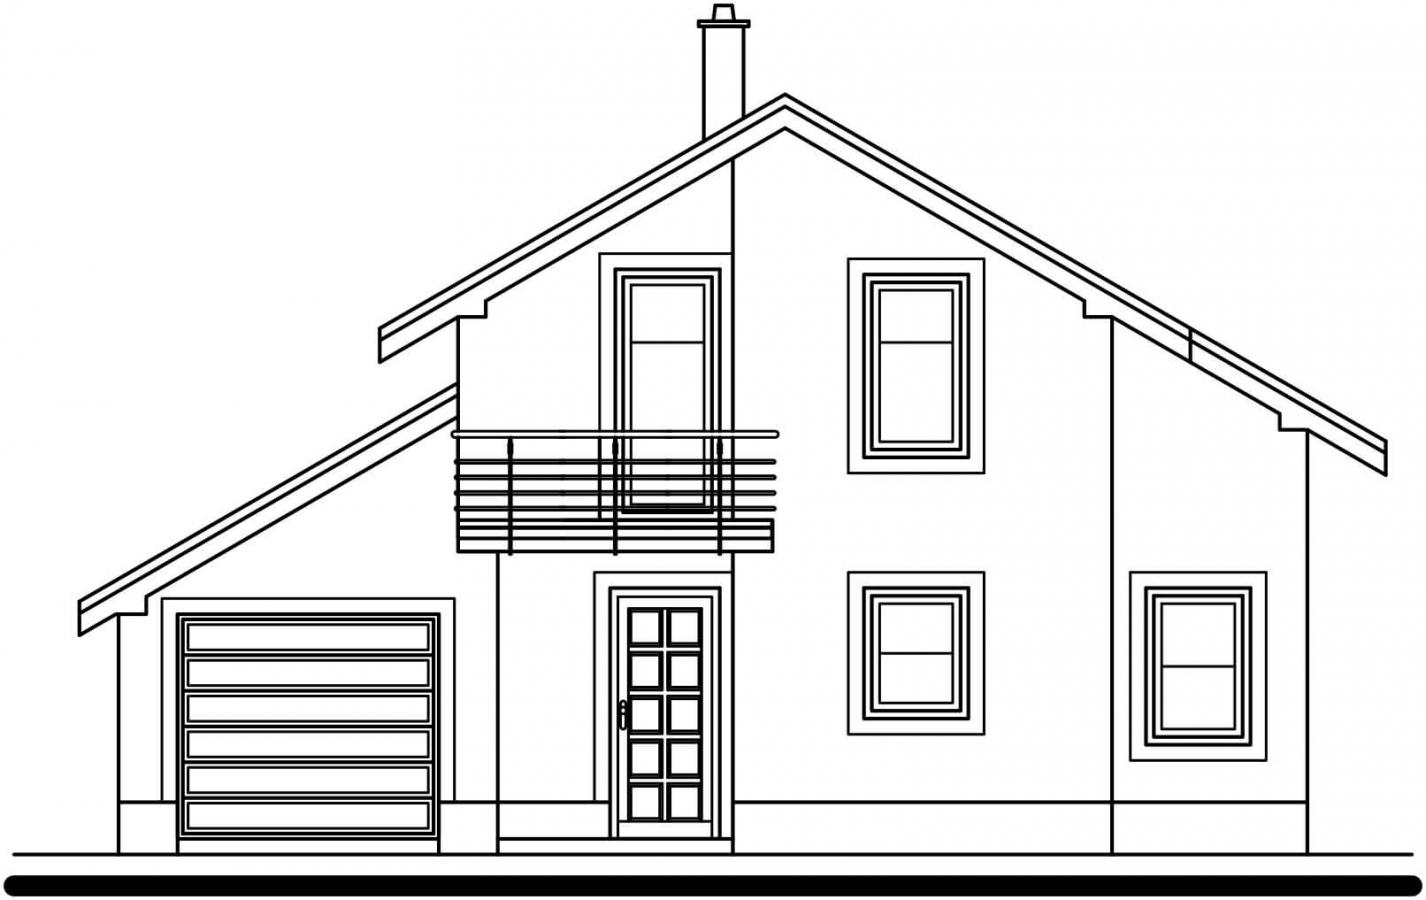 Pohľad 1. - Poschodový rodinný dom s garážou.